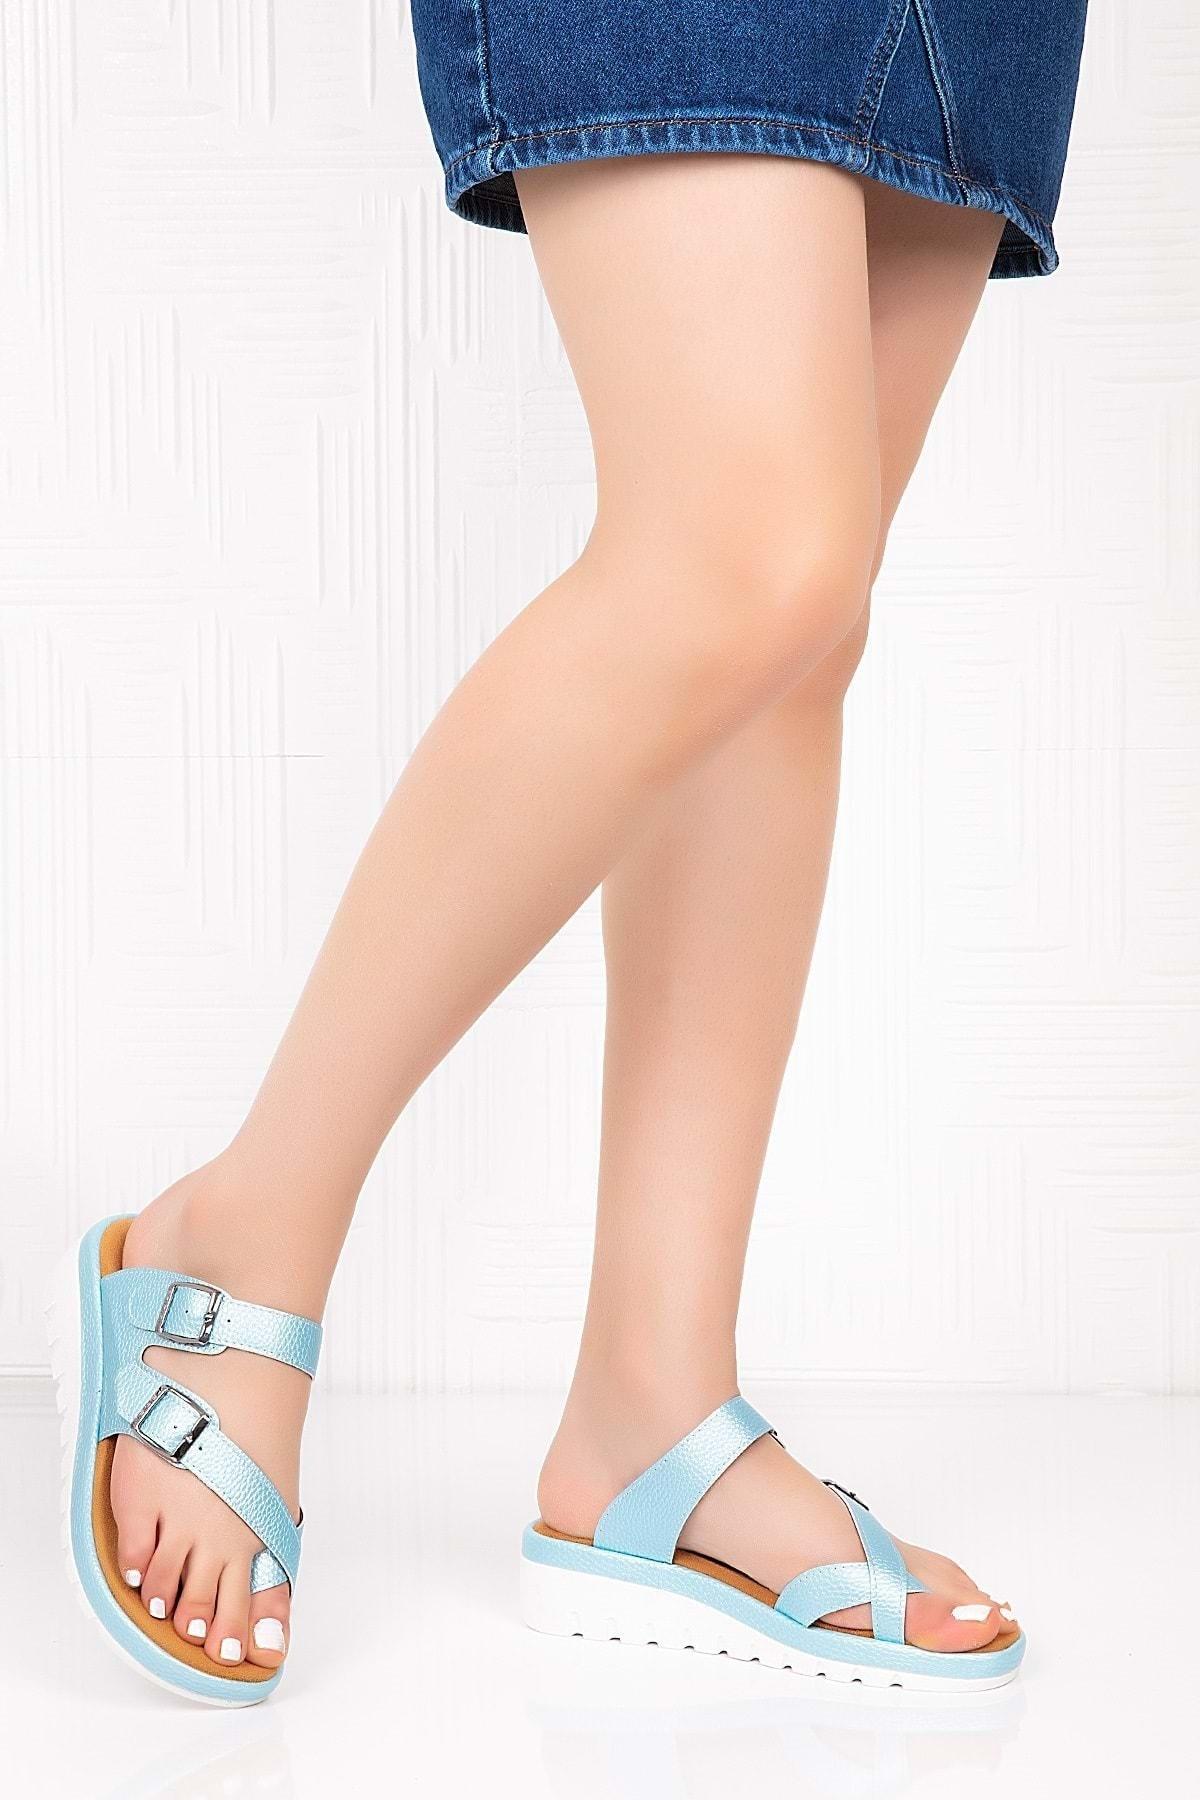 Gondol Kadın Mavi Ortopedik Taban Terlik 1